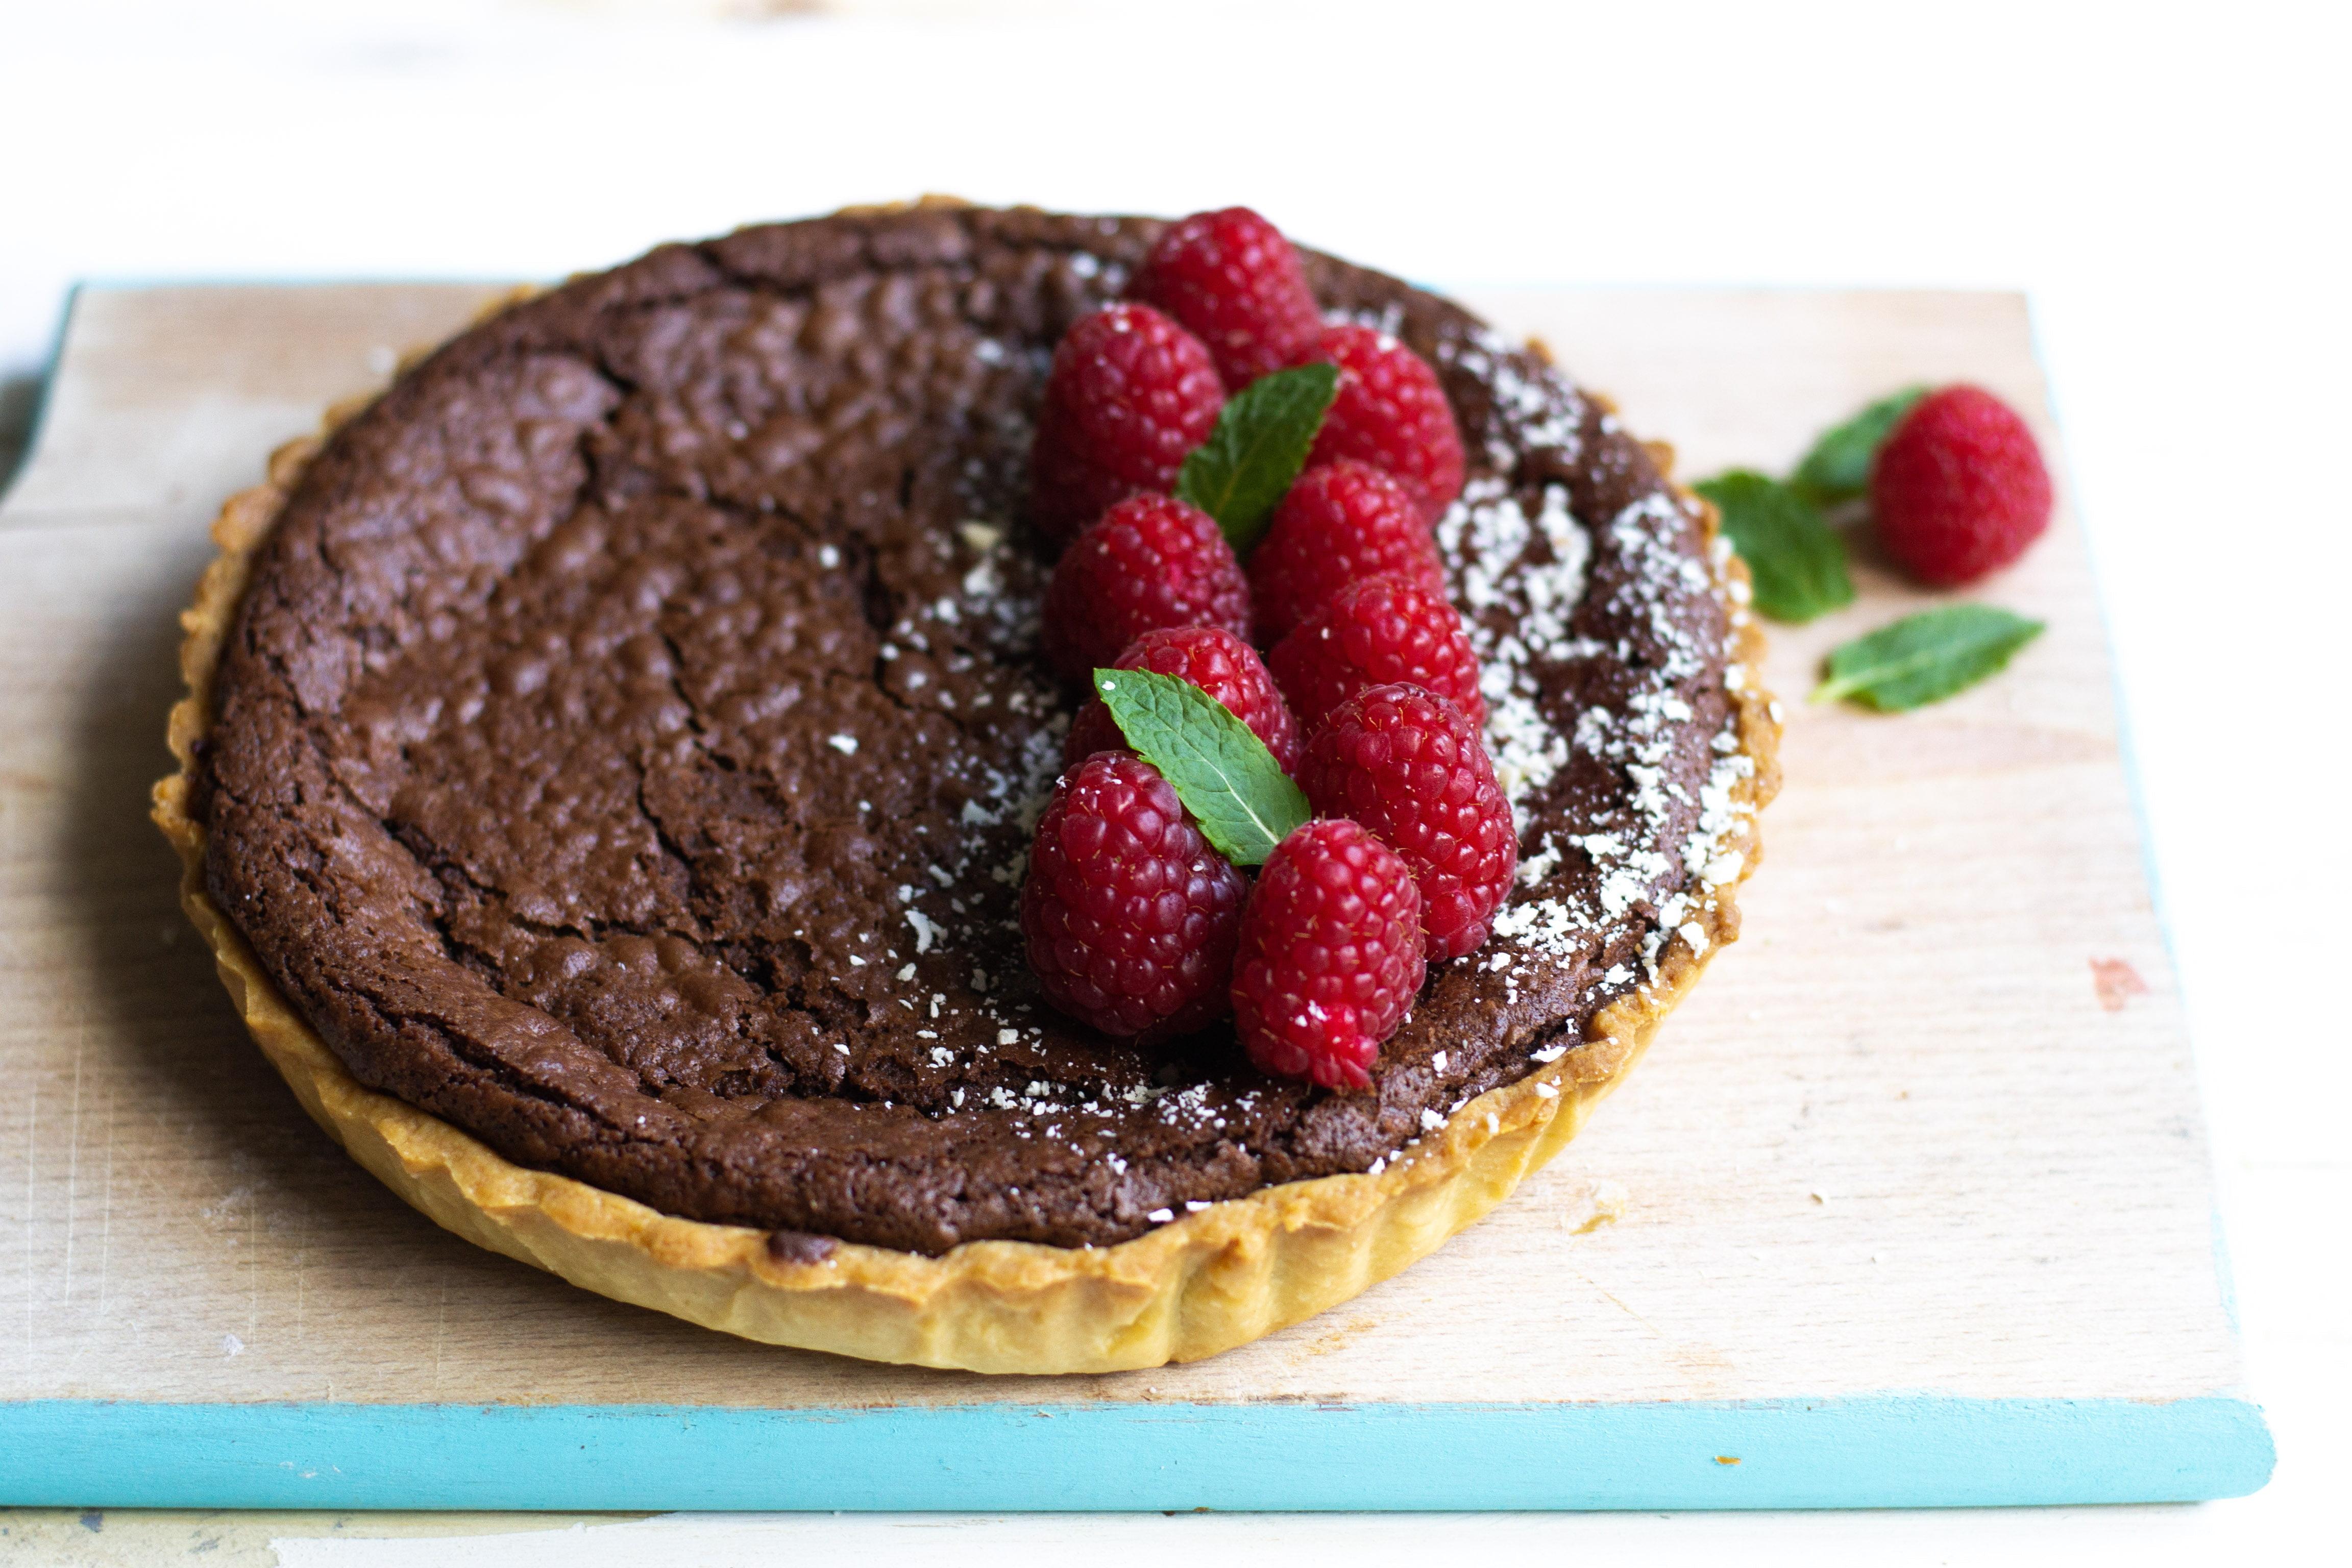 Dolci Da Credenza Alice Ricette : Crostata al cioccolato e lamponi ricetta ottolenghi